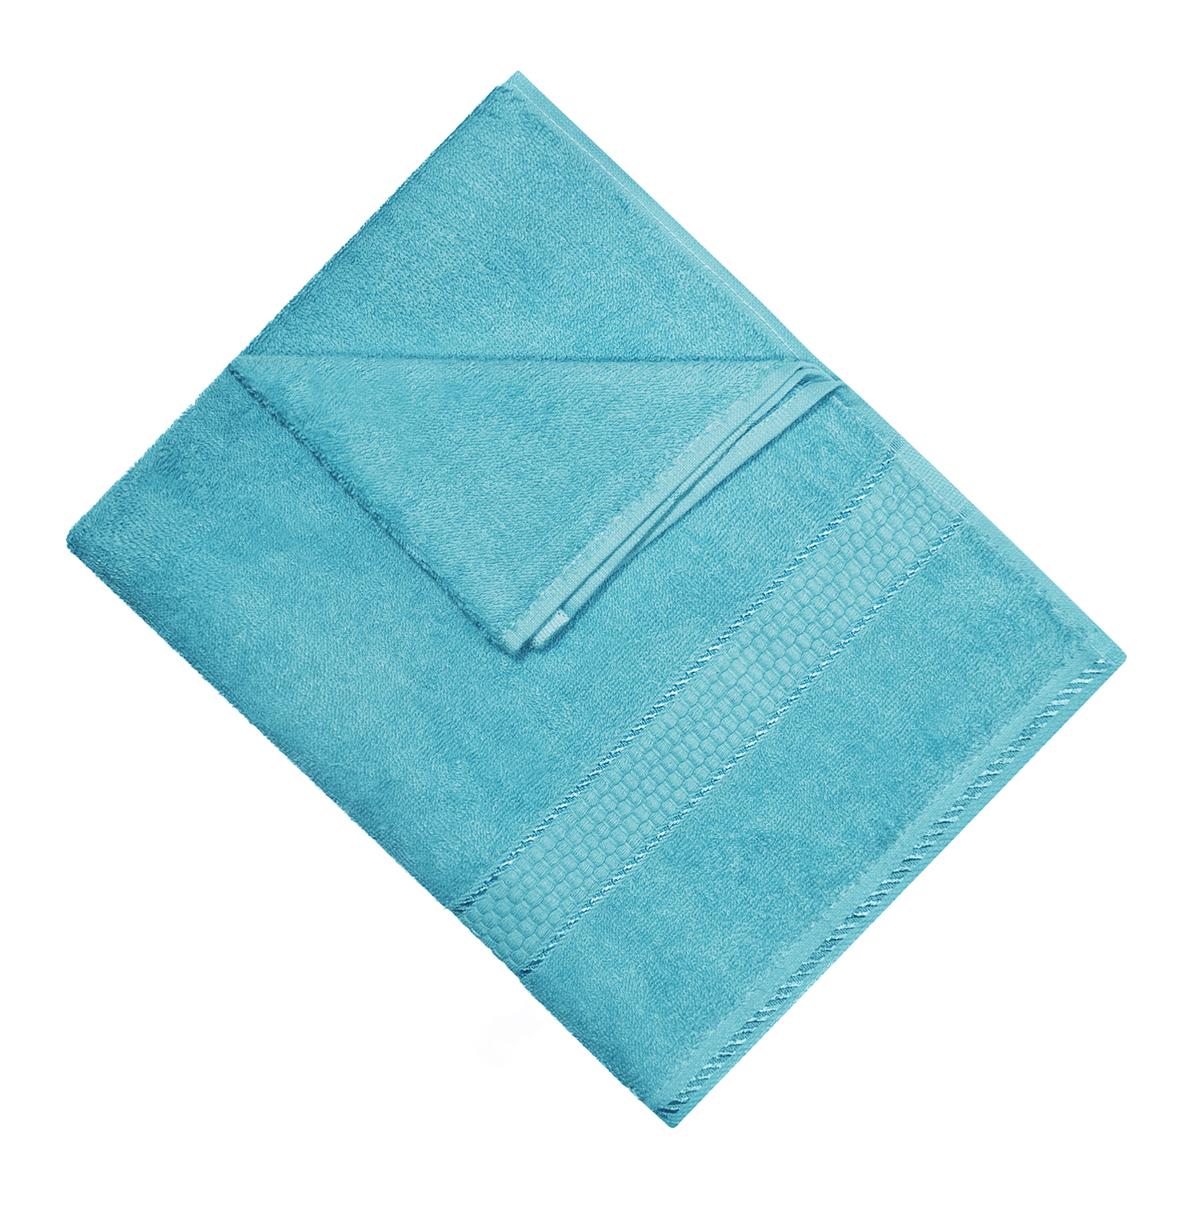 Полотенце махровое Osborn Textile, цвет: бирюзовый, 50 х 90 смУзТ-МПМ-004-01-07В состав полотенца Osborn Textile входит только натуральное волокно - хлопок. Лаконичные бордюры подойдут для любого интерьера ванной комнаты. Полотенце прекрасно впитывает влагу и быстро сохнет. При соблюдении рекомендаций по уходу не линяет и не теряет форму даже после многократных стирок. Плотность: 450 г/м2.